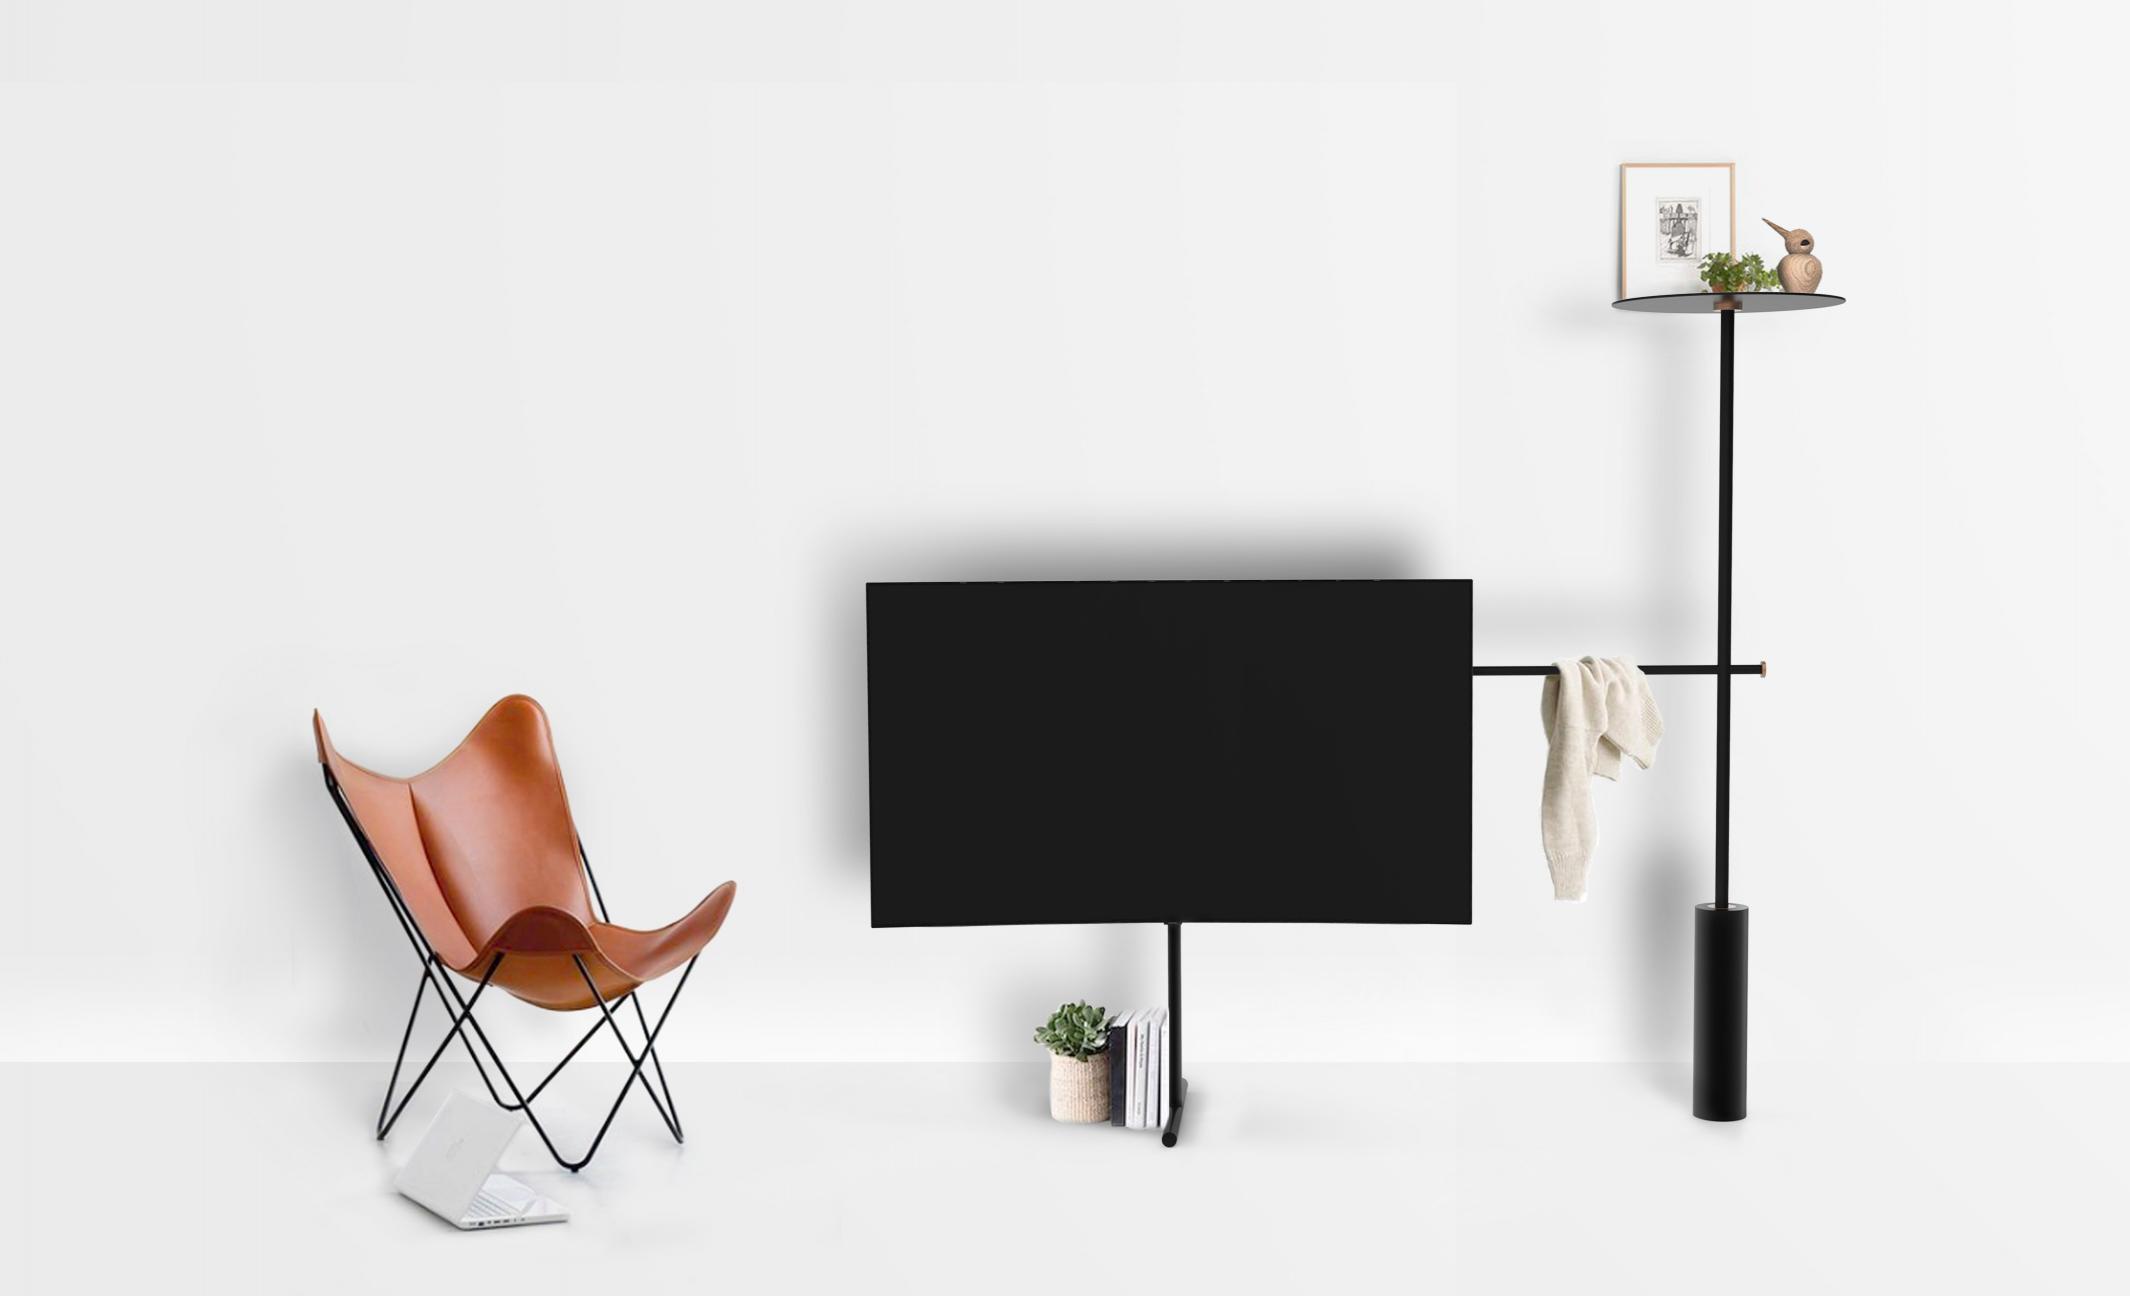 삼성전자, 'QLED TV 스탠드 디자인 공모전' 수상작 공개 - 머니 ...